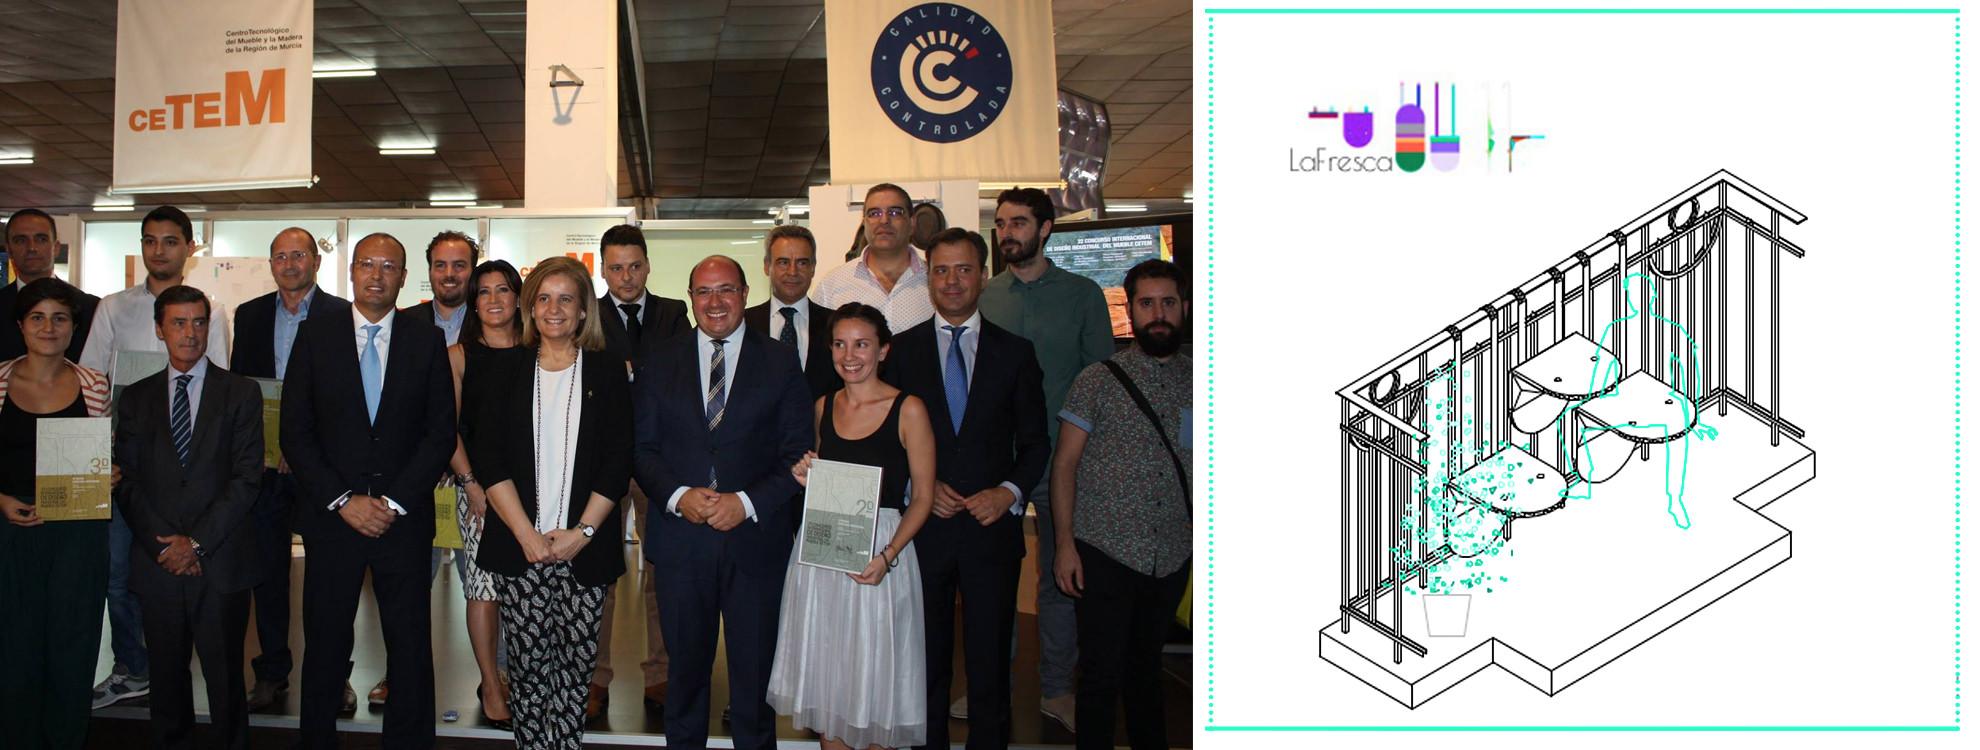 Nogal yecla obtiene el 2 premio en el concurso for Muebles nogal yecla